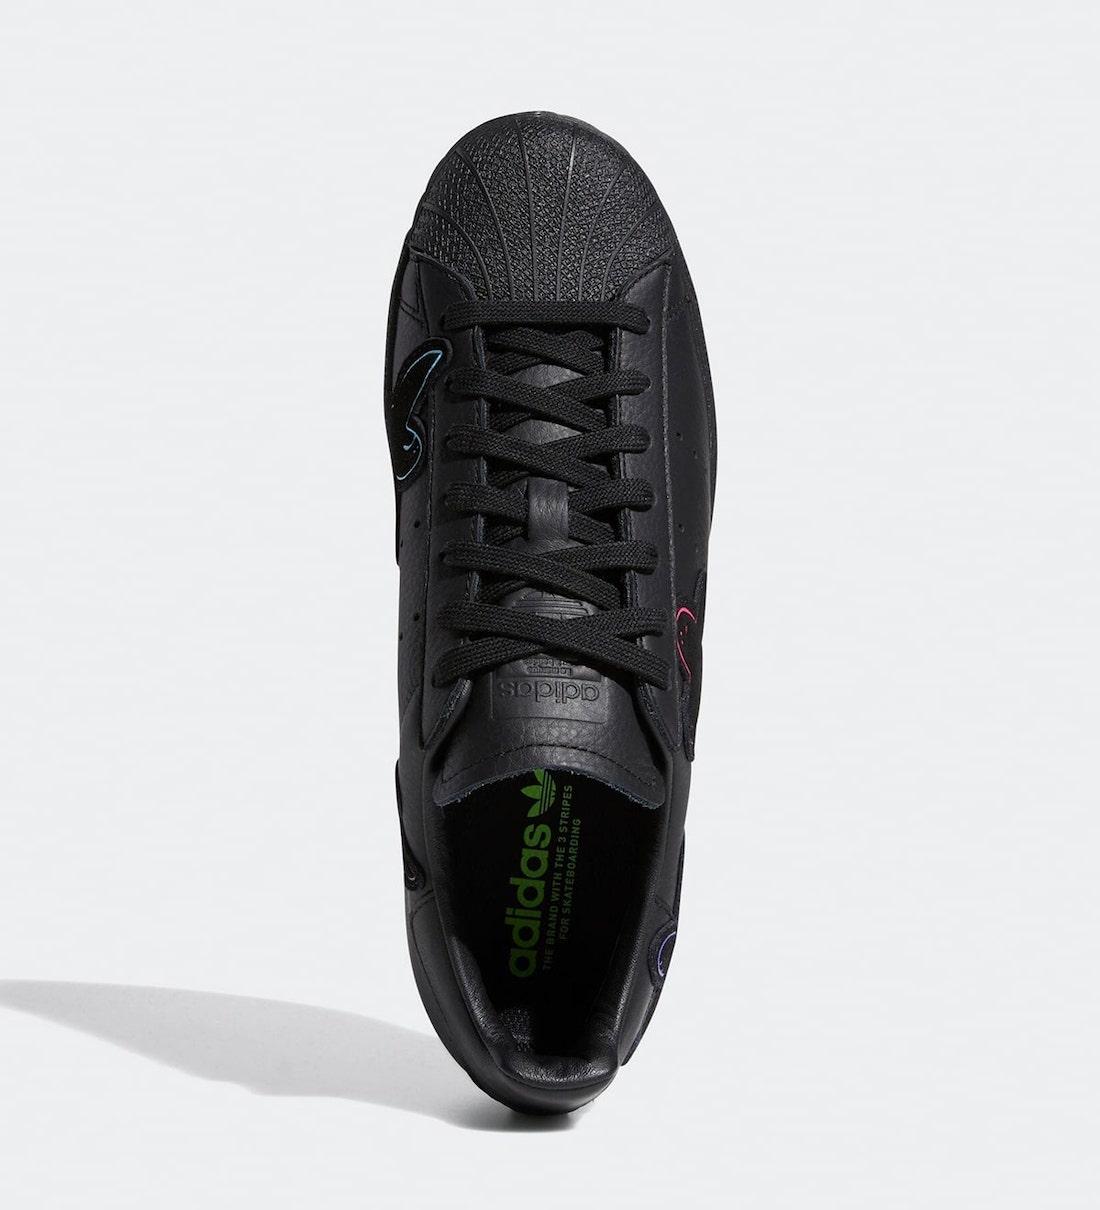 Superstar, Black, adidas Superstar, Adidas